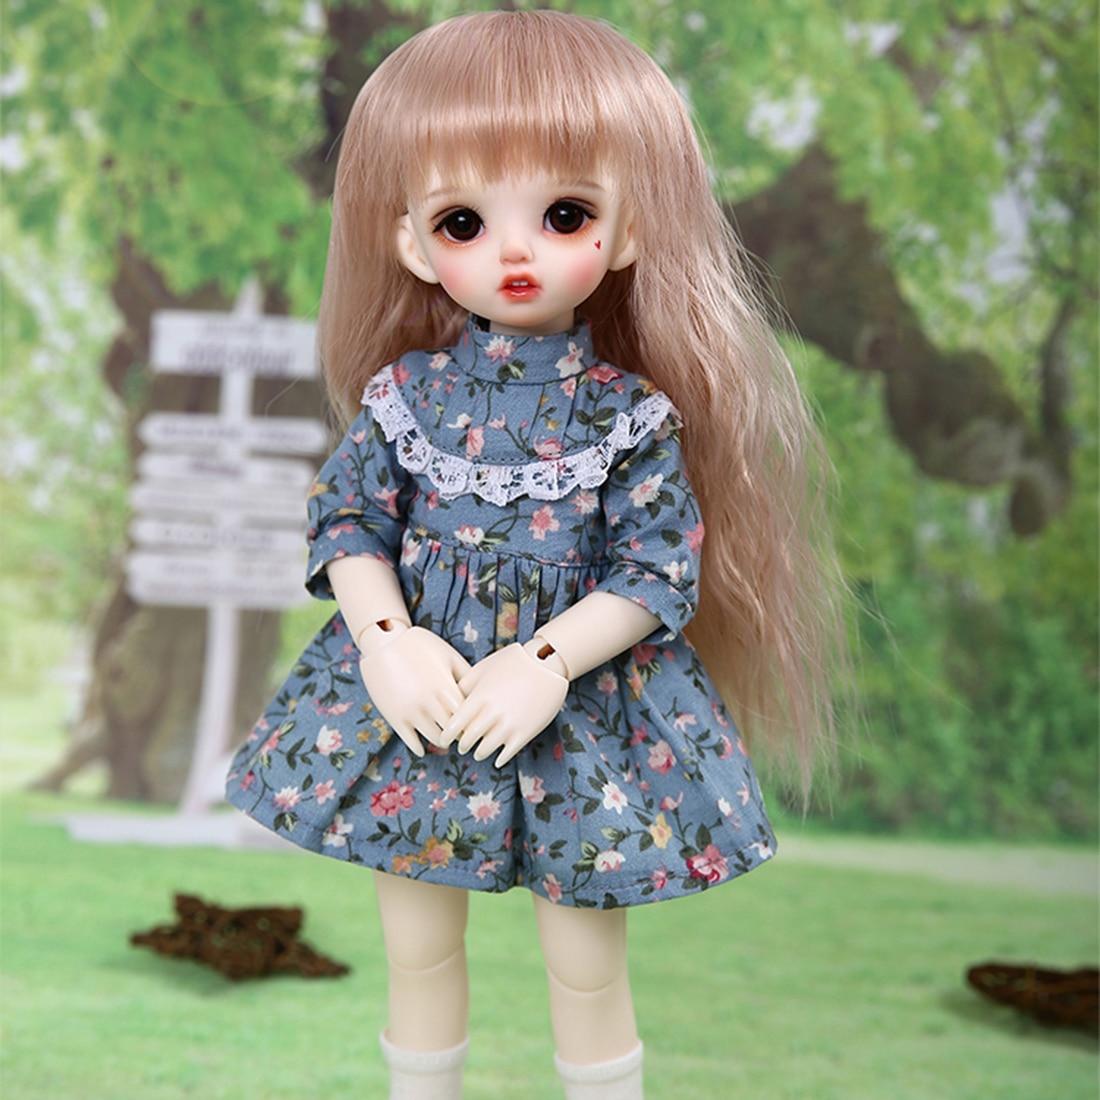 1/6 rotule poupées femme maquillage BJD poupée avec accessoires de déguisement et yeux bruns mode poupée jouet cadeau-couleur de la peau rose